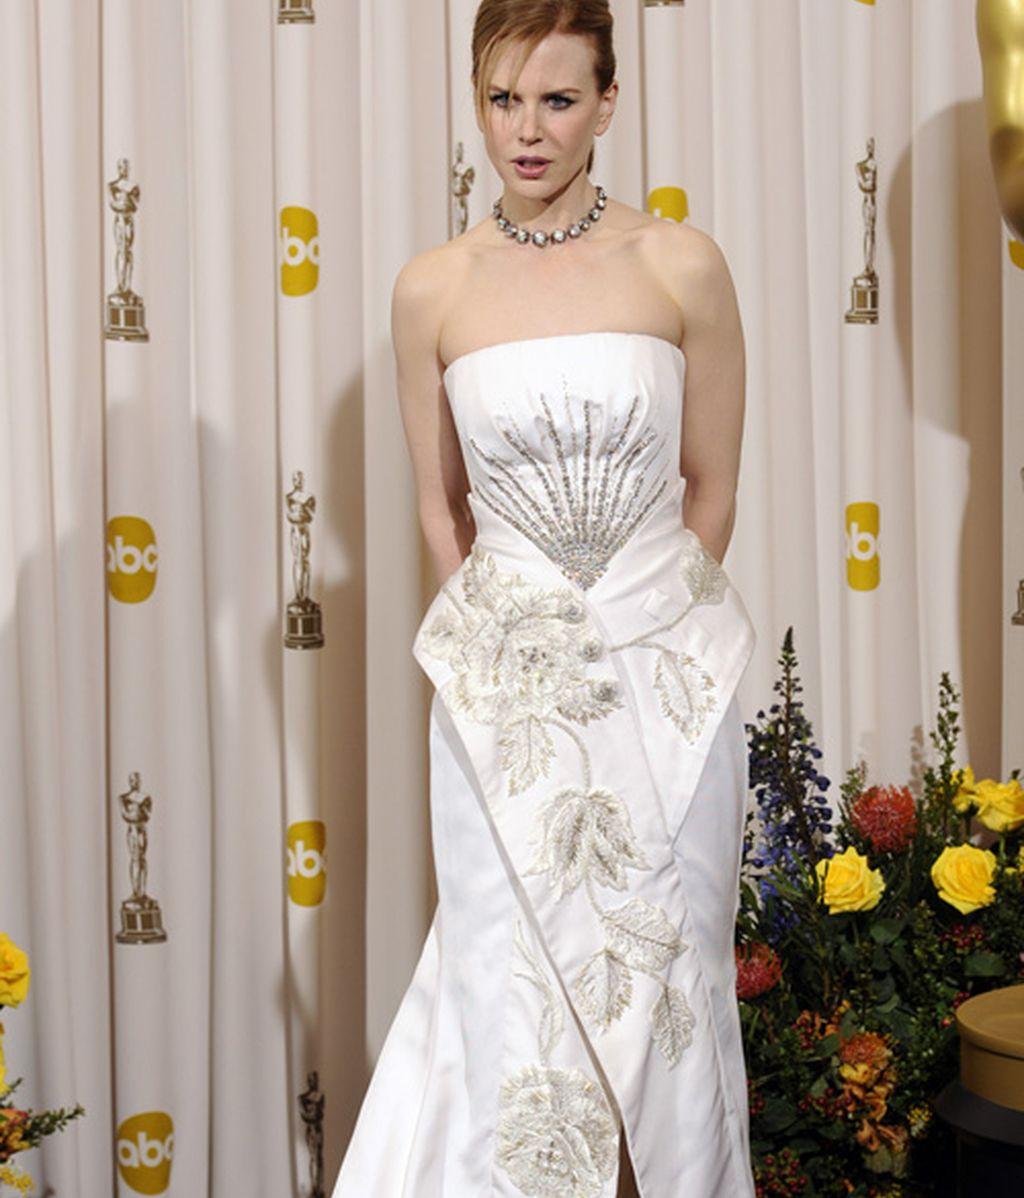 Las peor vestidas de 2011; edición internacional